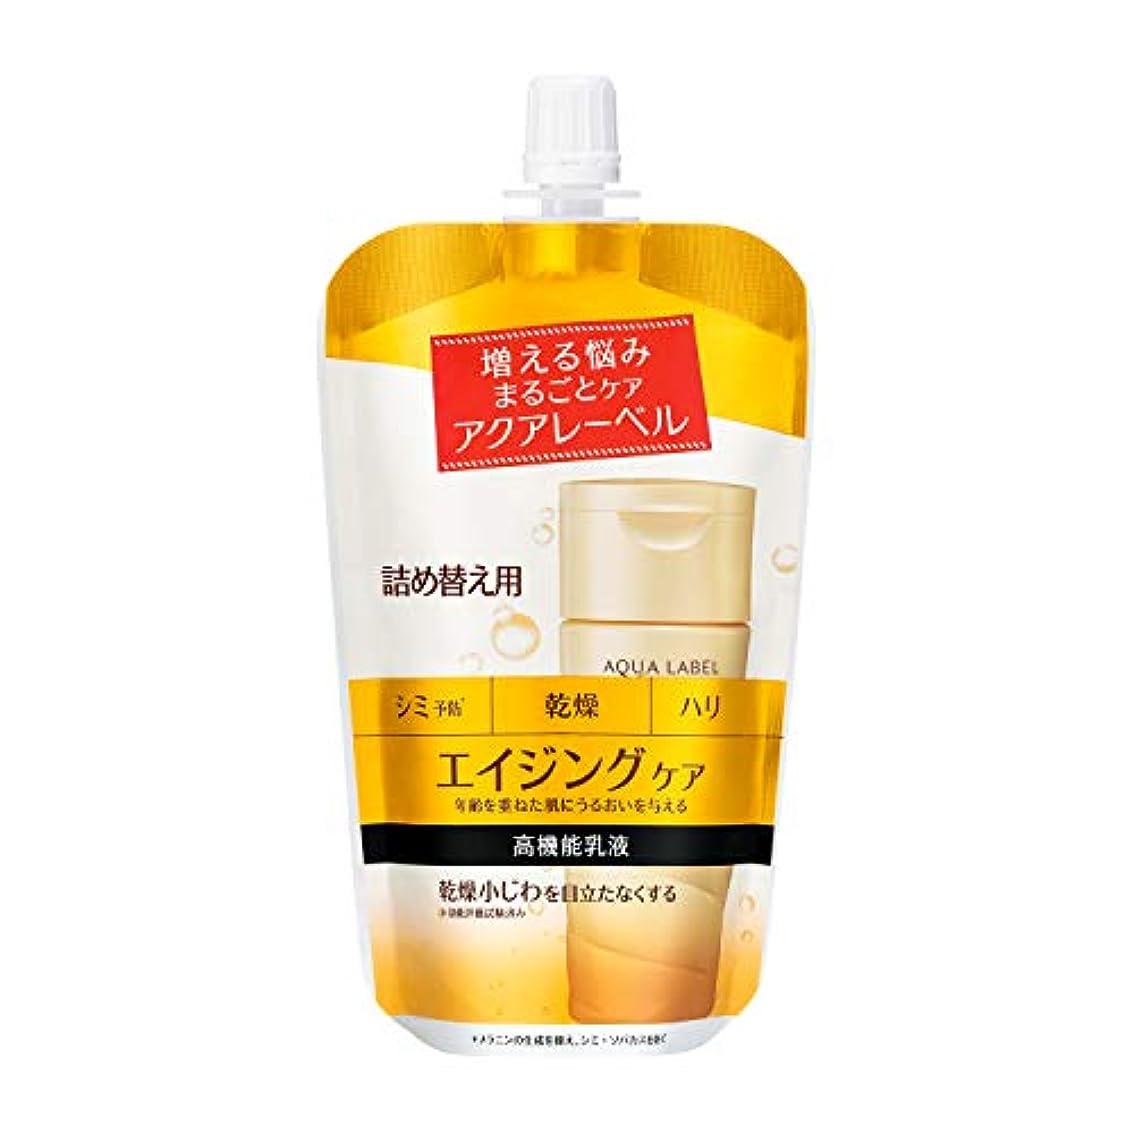 バングふくろう劇的アクアレーベル バウンシングケア ミルク (詰め替え用) 117mL 【医薬部外品】